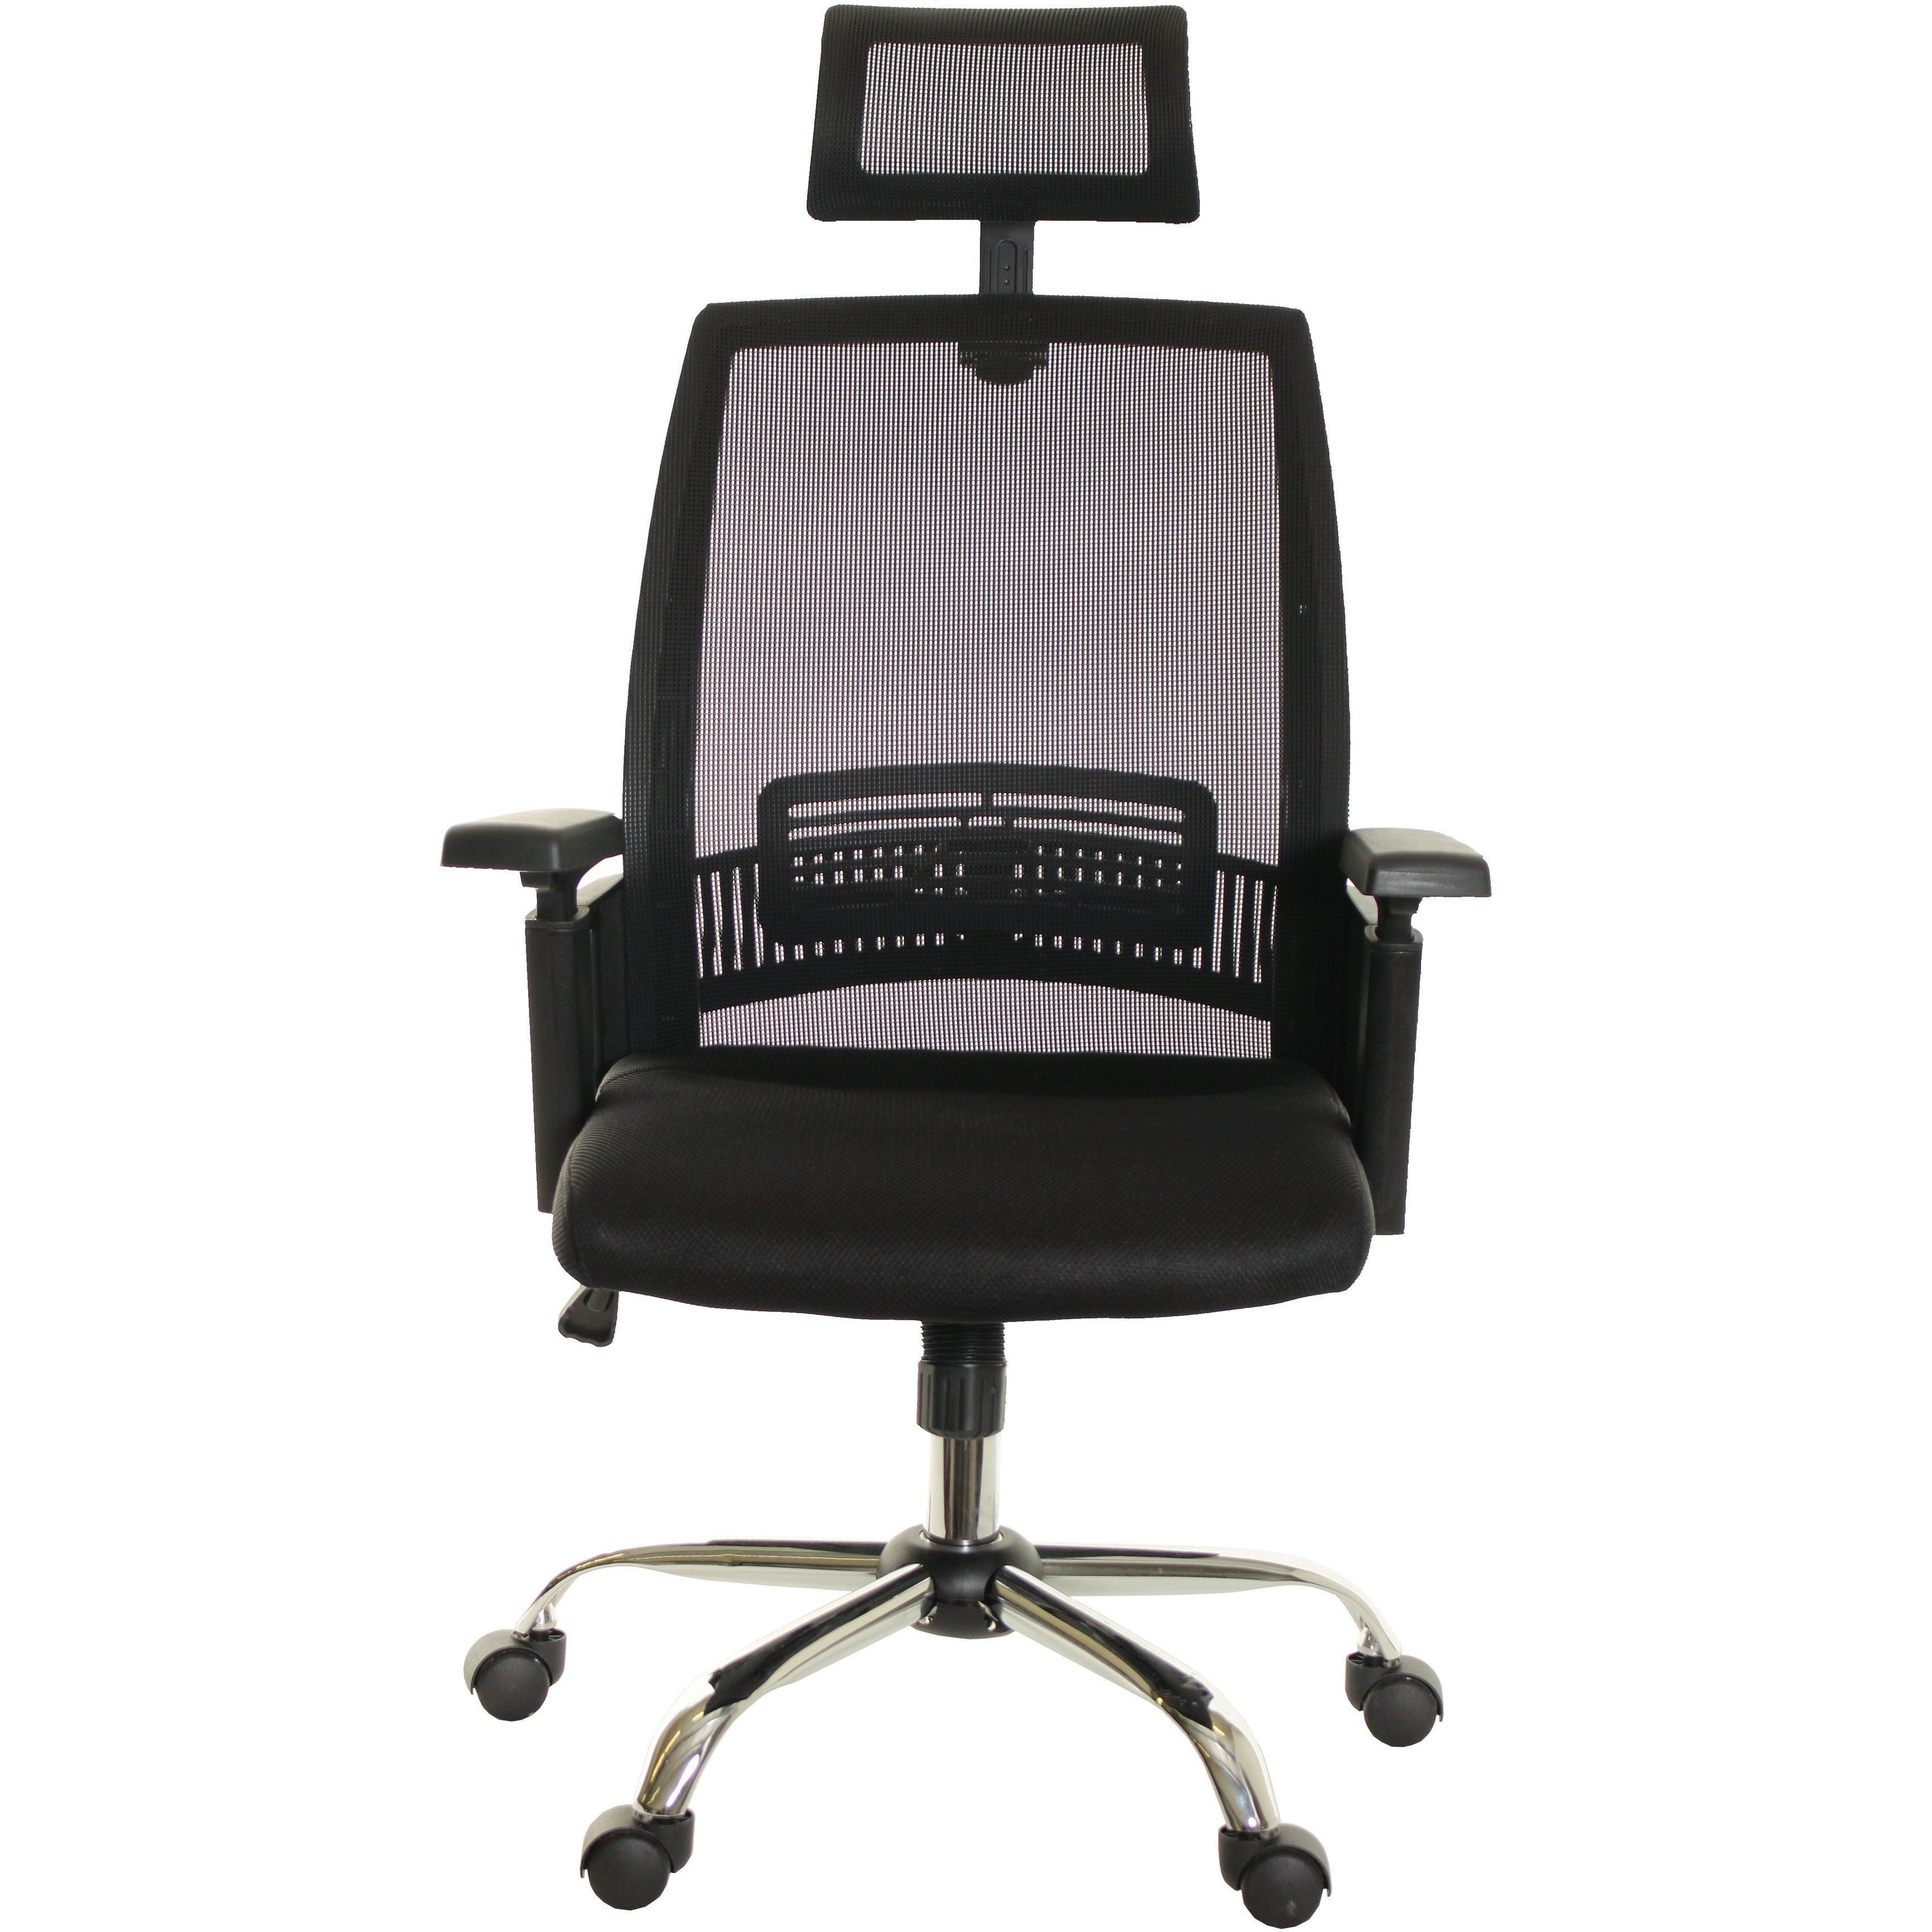 Preiswerte Büromöbel Ergonomische Stuhl Unterstützt Den Rücken  Zeitgenössischen Bürostuhl Kaufen, Bürostuhl Büro Stuhl Deckt #